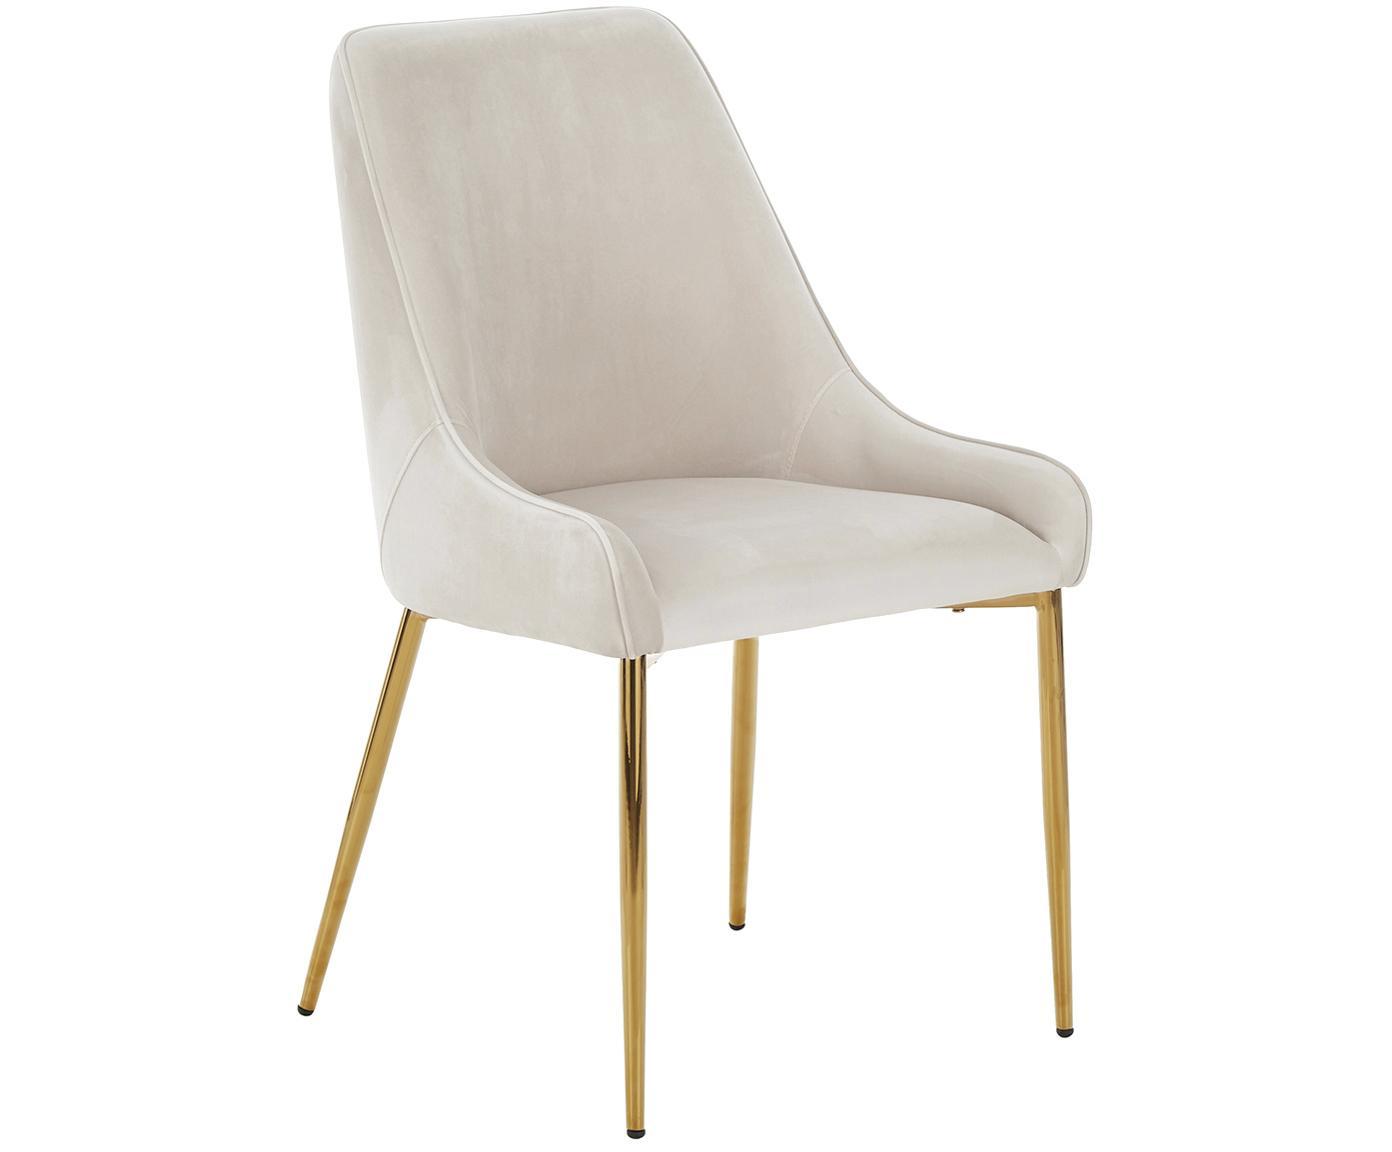 Fluwelen stoel Ava met goudkleurige poten, Bekleding: fluweel (100% polyester), Poten: metaal, Beige, B 53 x D 60 cm